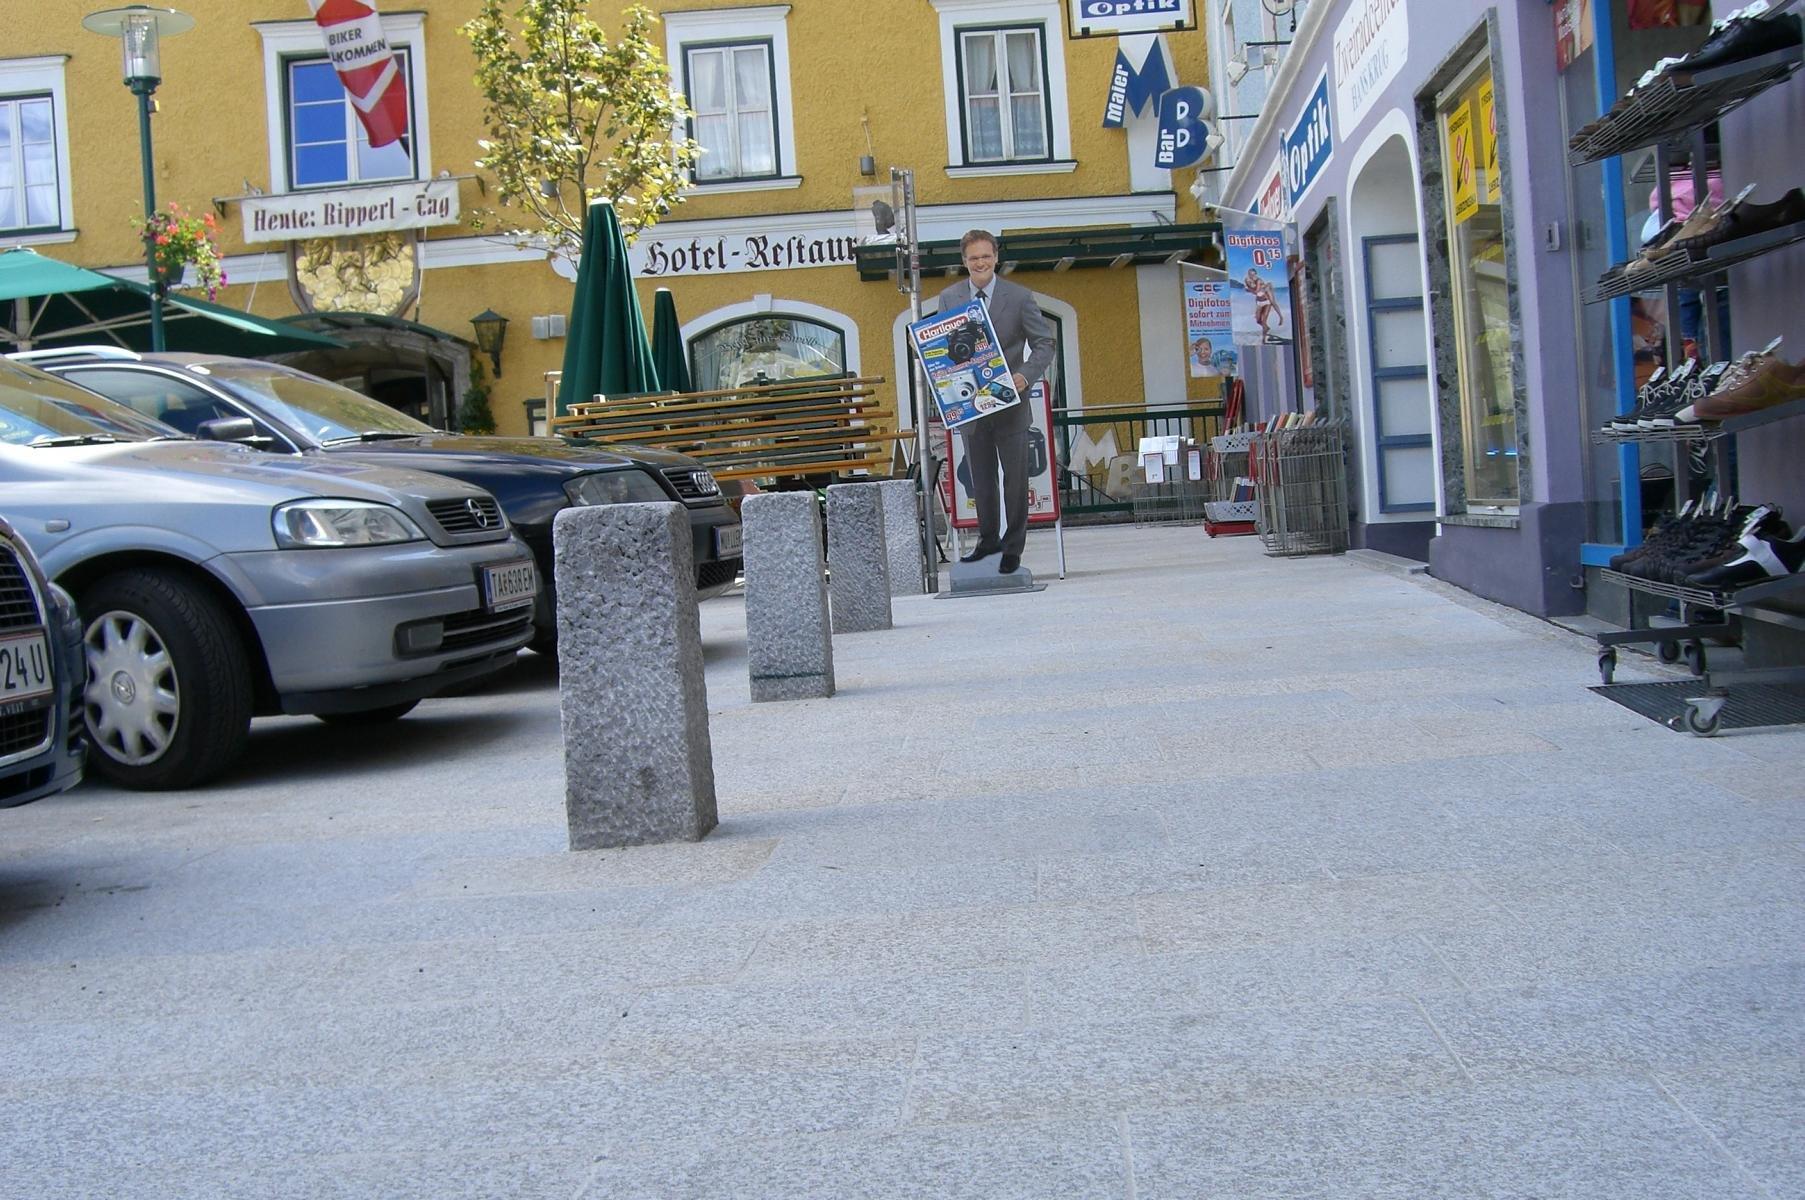 Tamsweg - Marktplatz7